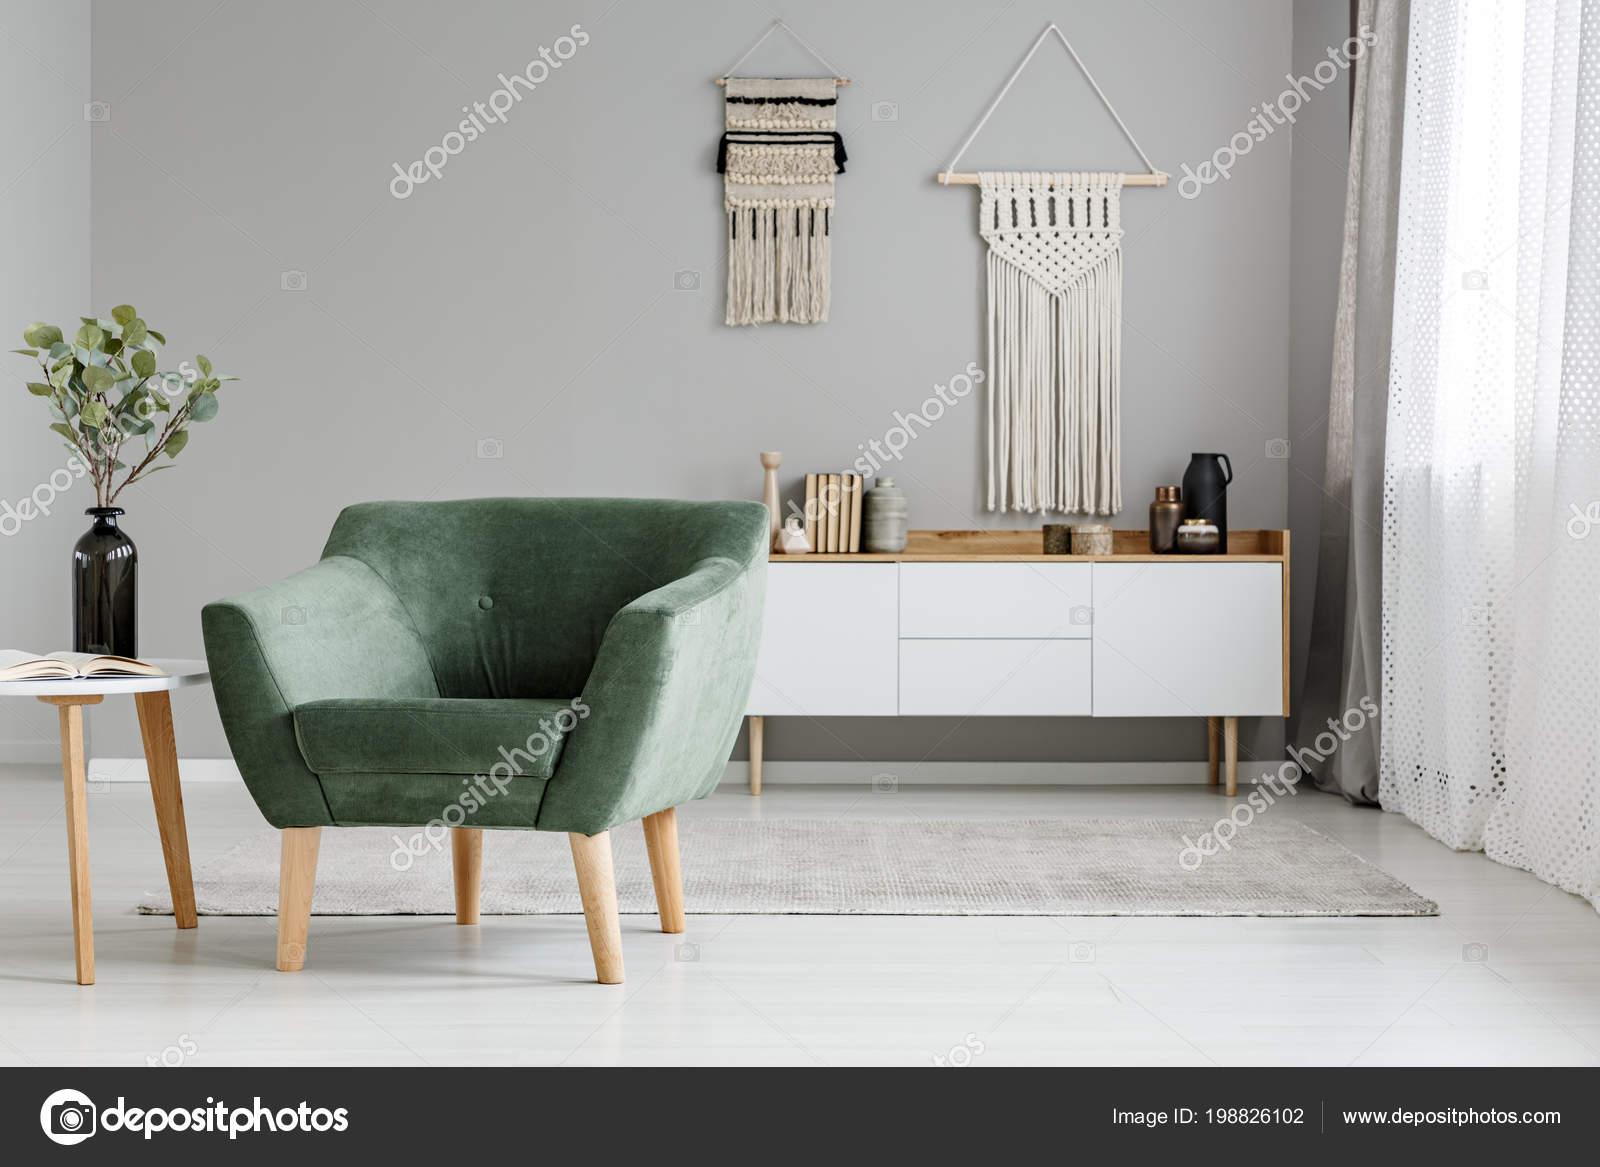 Poltrona Verde Brilhante Boho Sala Interior Com Mesa Decoração